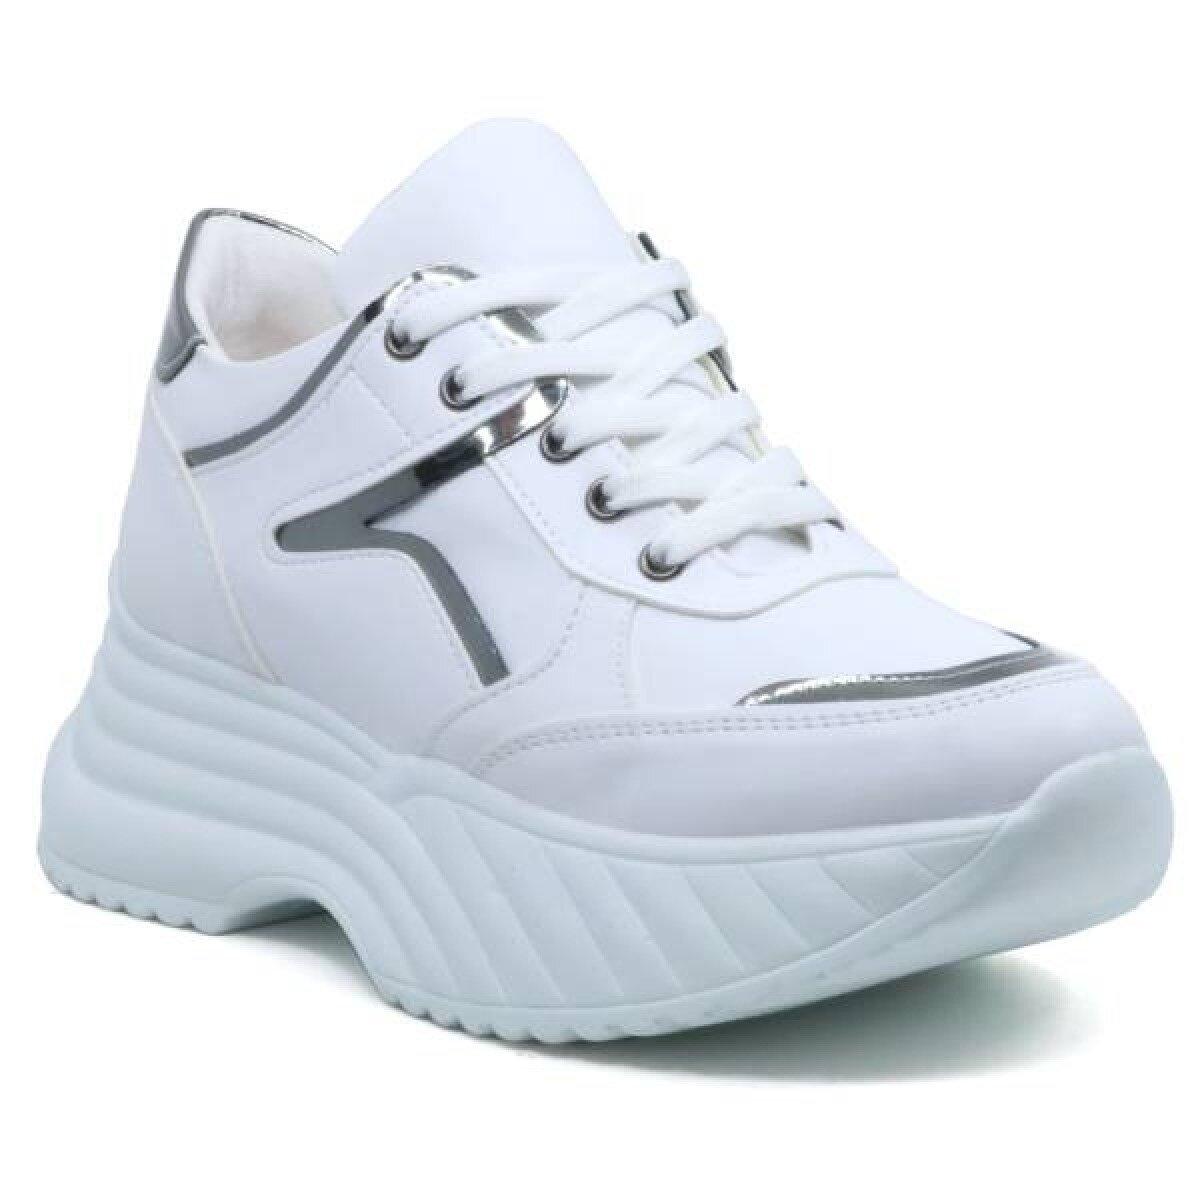 Modalite Net Flo Filla Yuksek Taban Dolgu Taban Kadin Spor Ayakkabi Beyaz Gumus